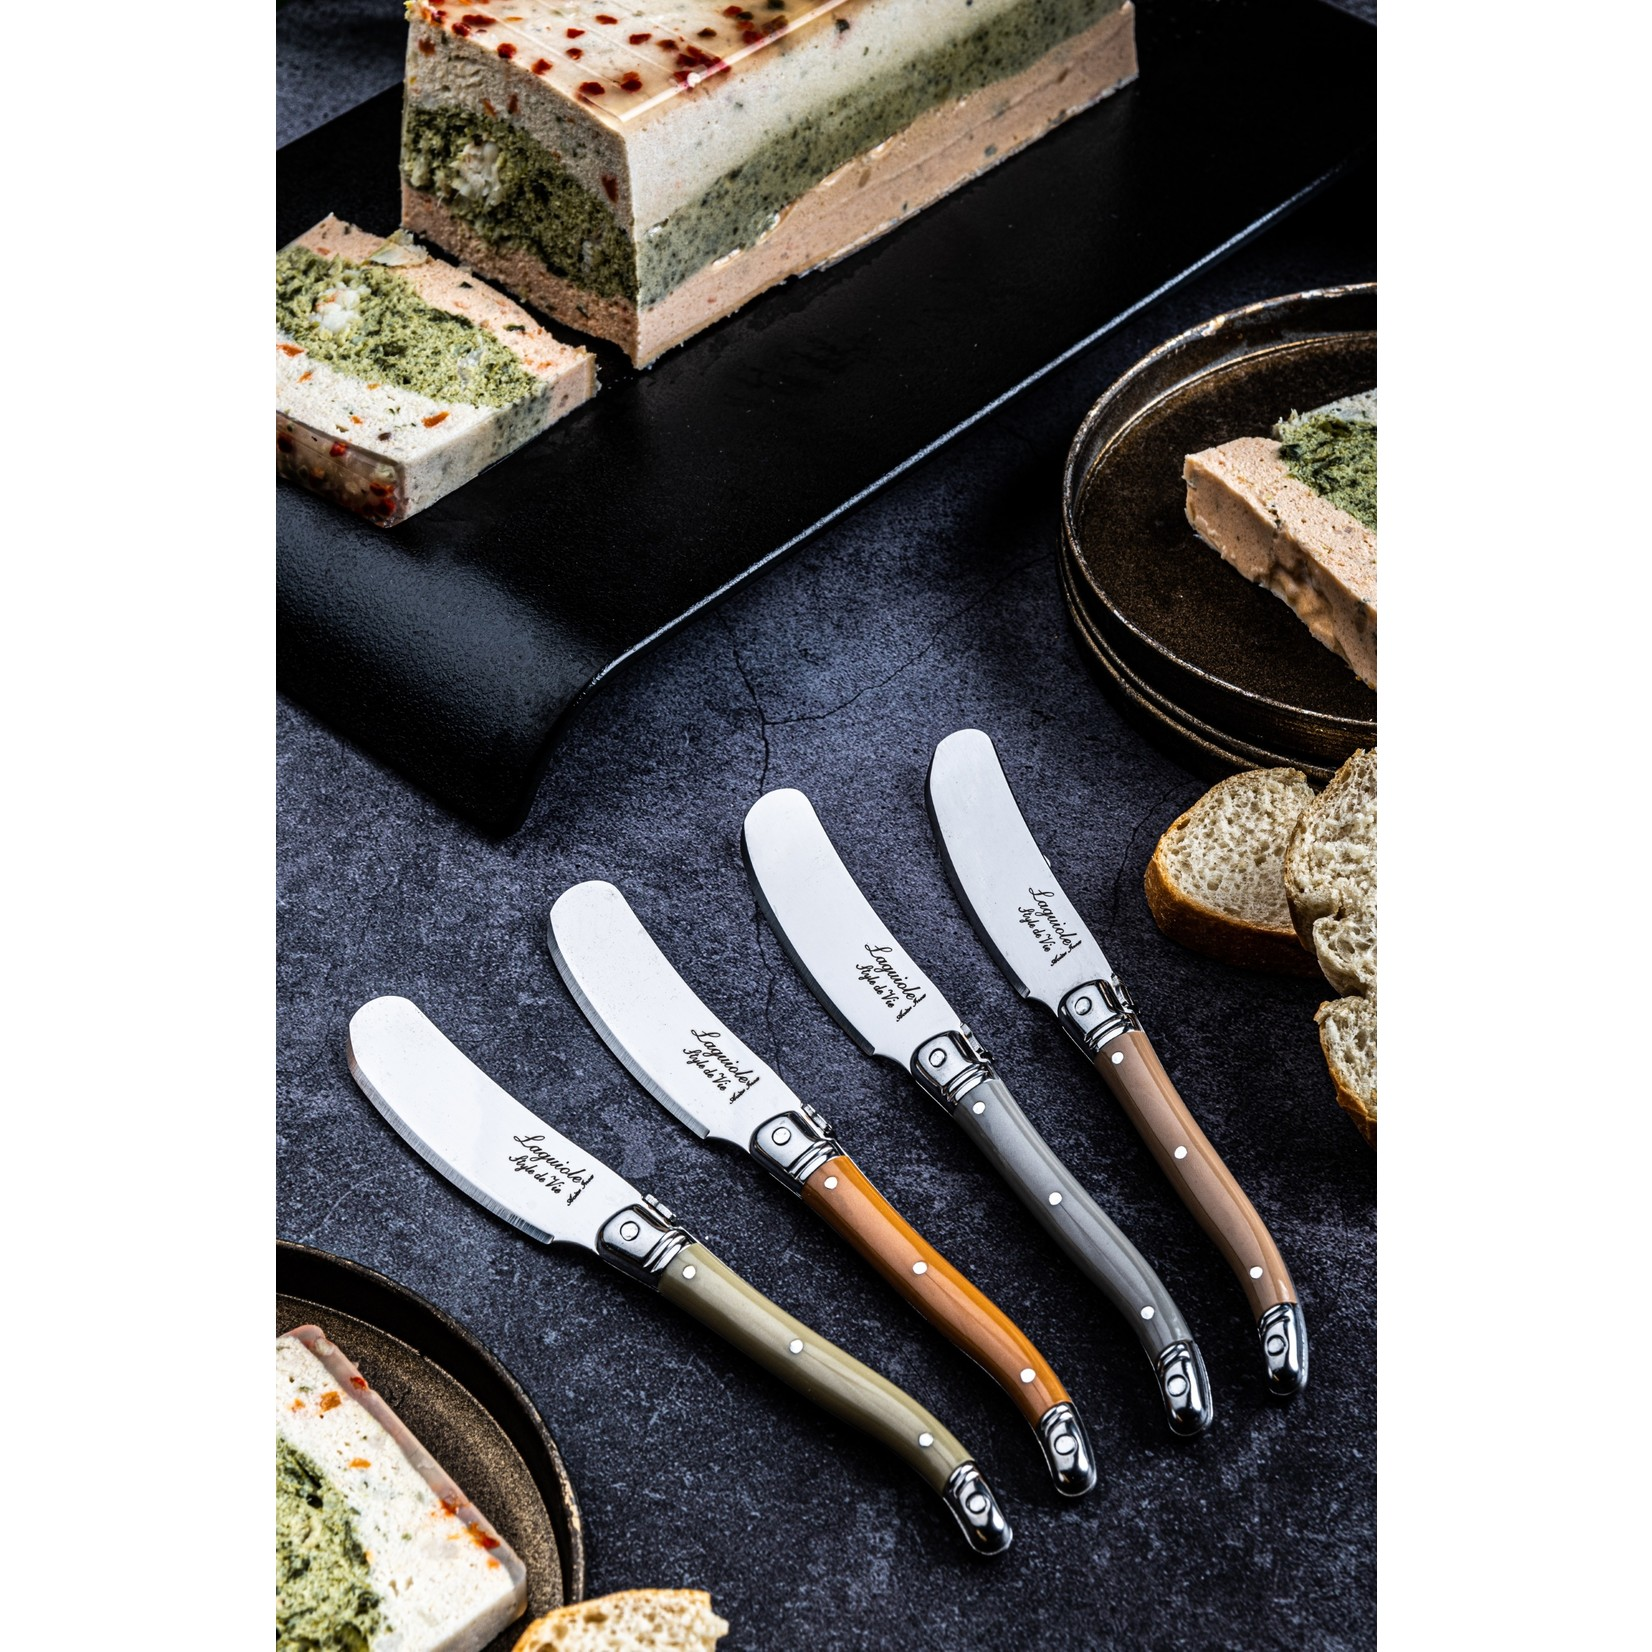 Laguiole Style de Vie Laguiole Style de Vie Premium Line botermessenset 4-delig treasure